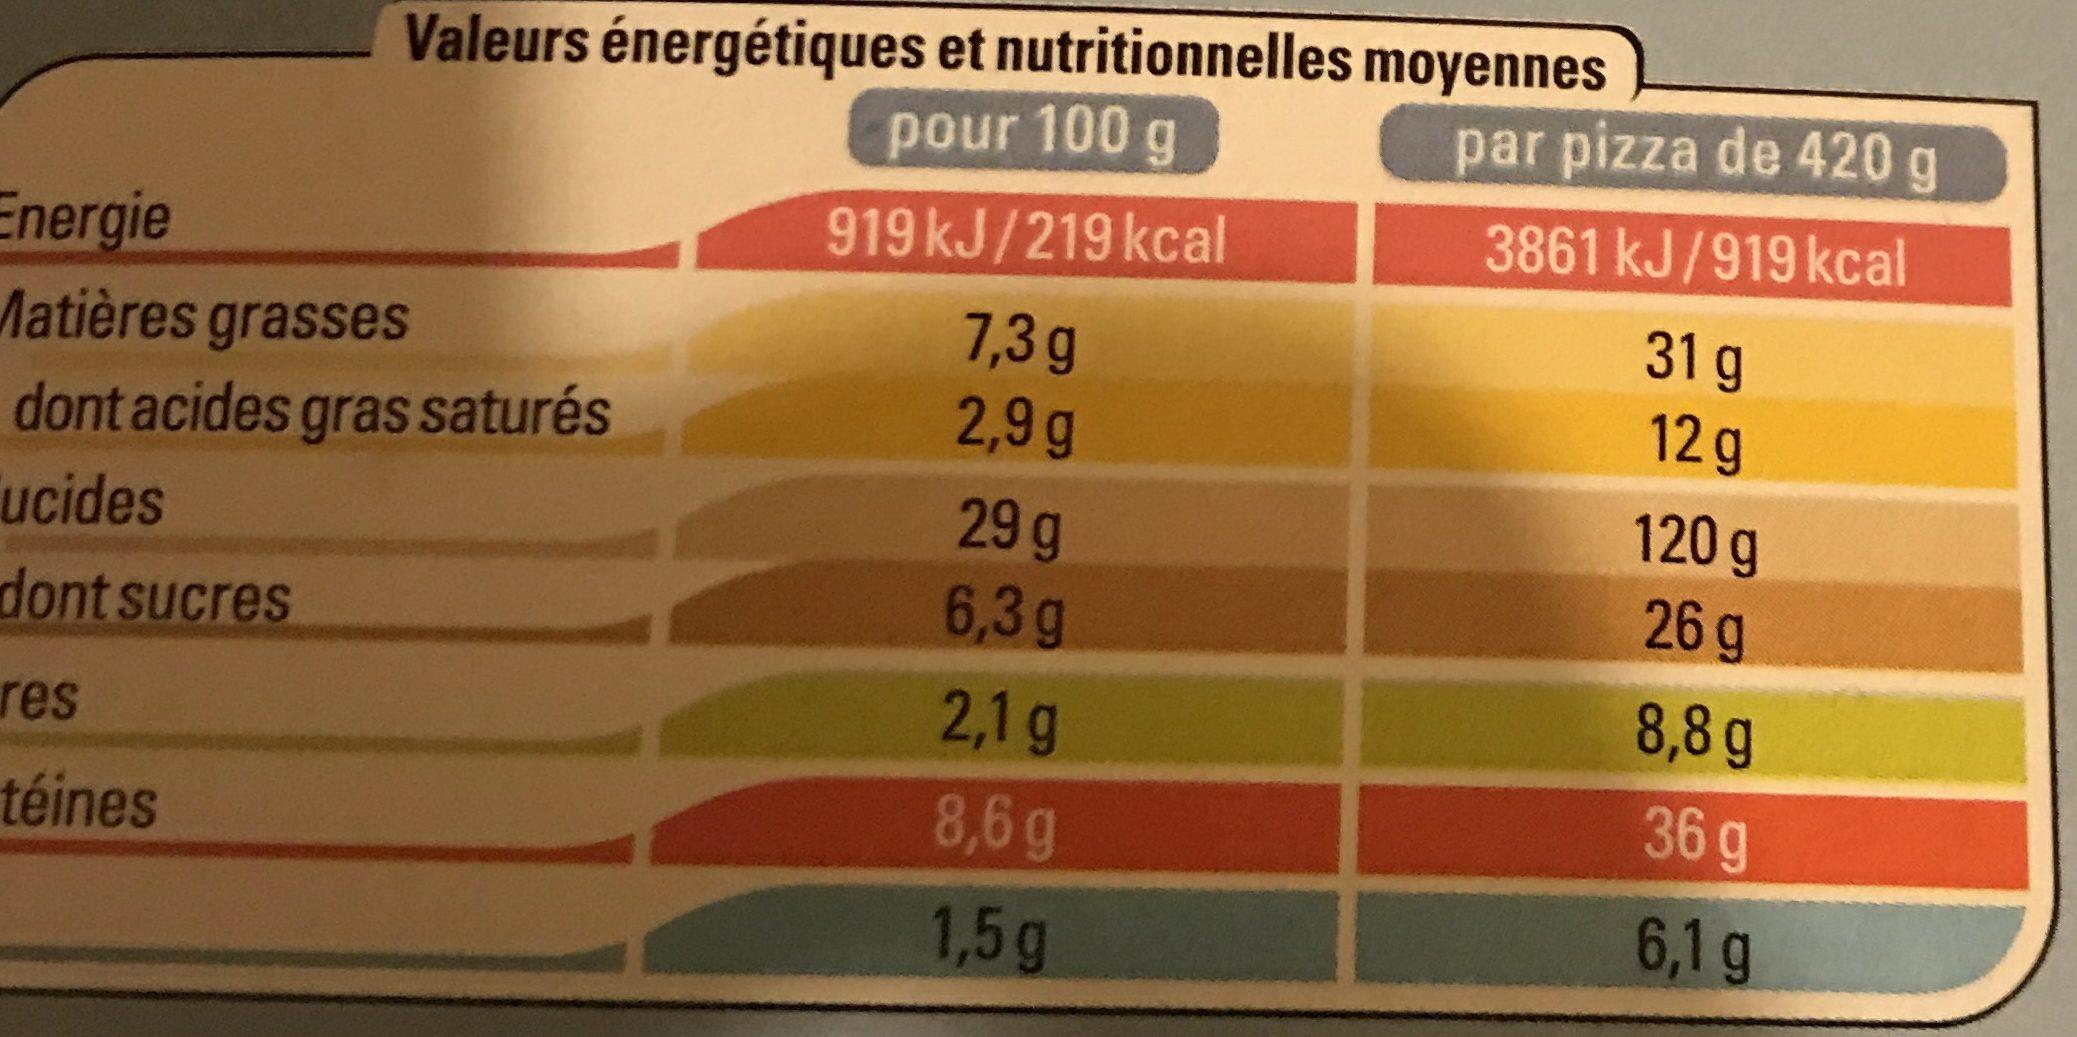 Pizza saumon - Informations nutritionnelles - fr